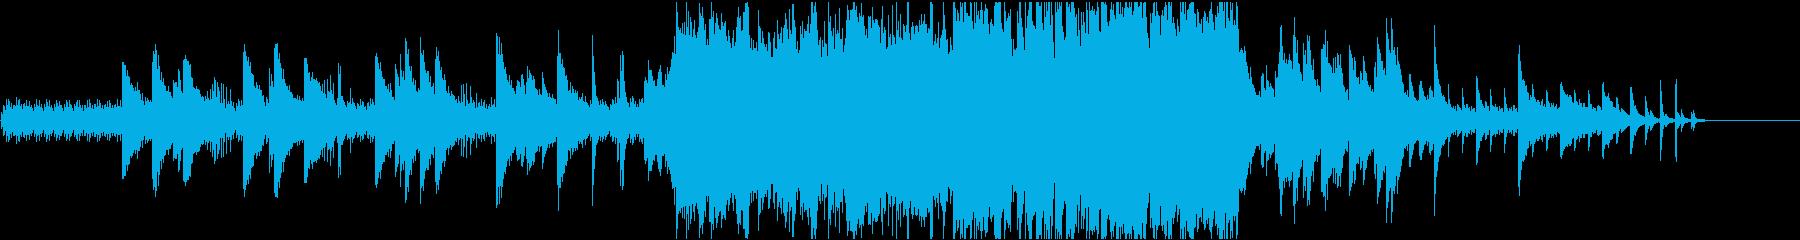 歯車を模した旋律がクールなピアノソロの再生済みの波形